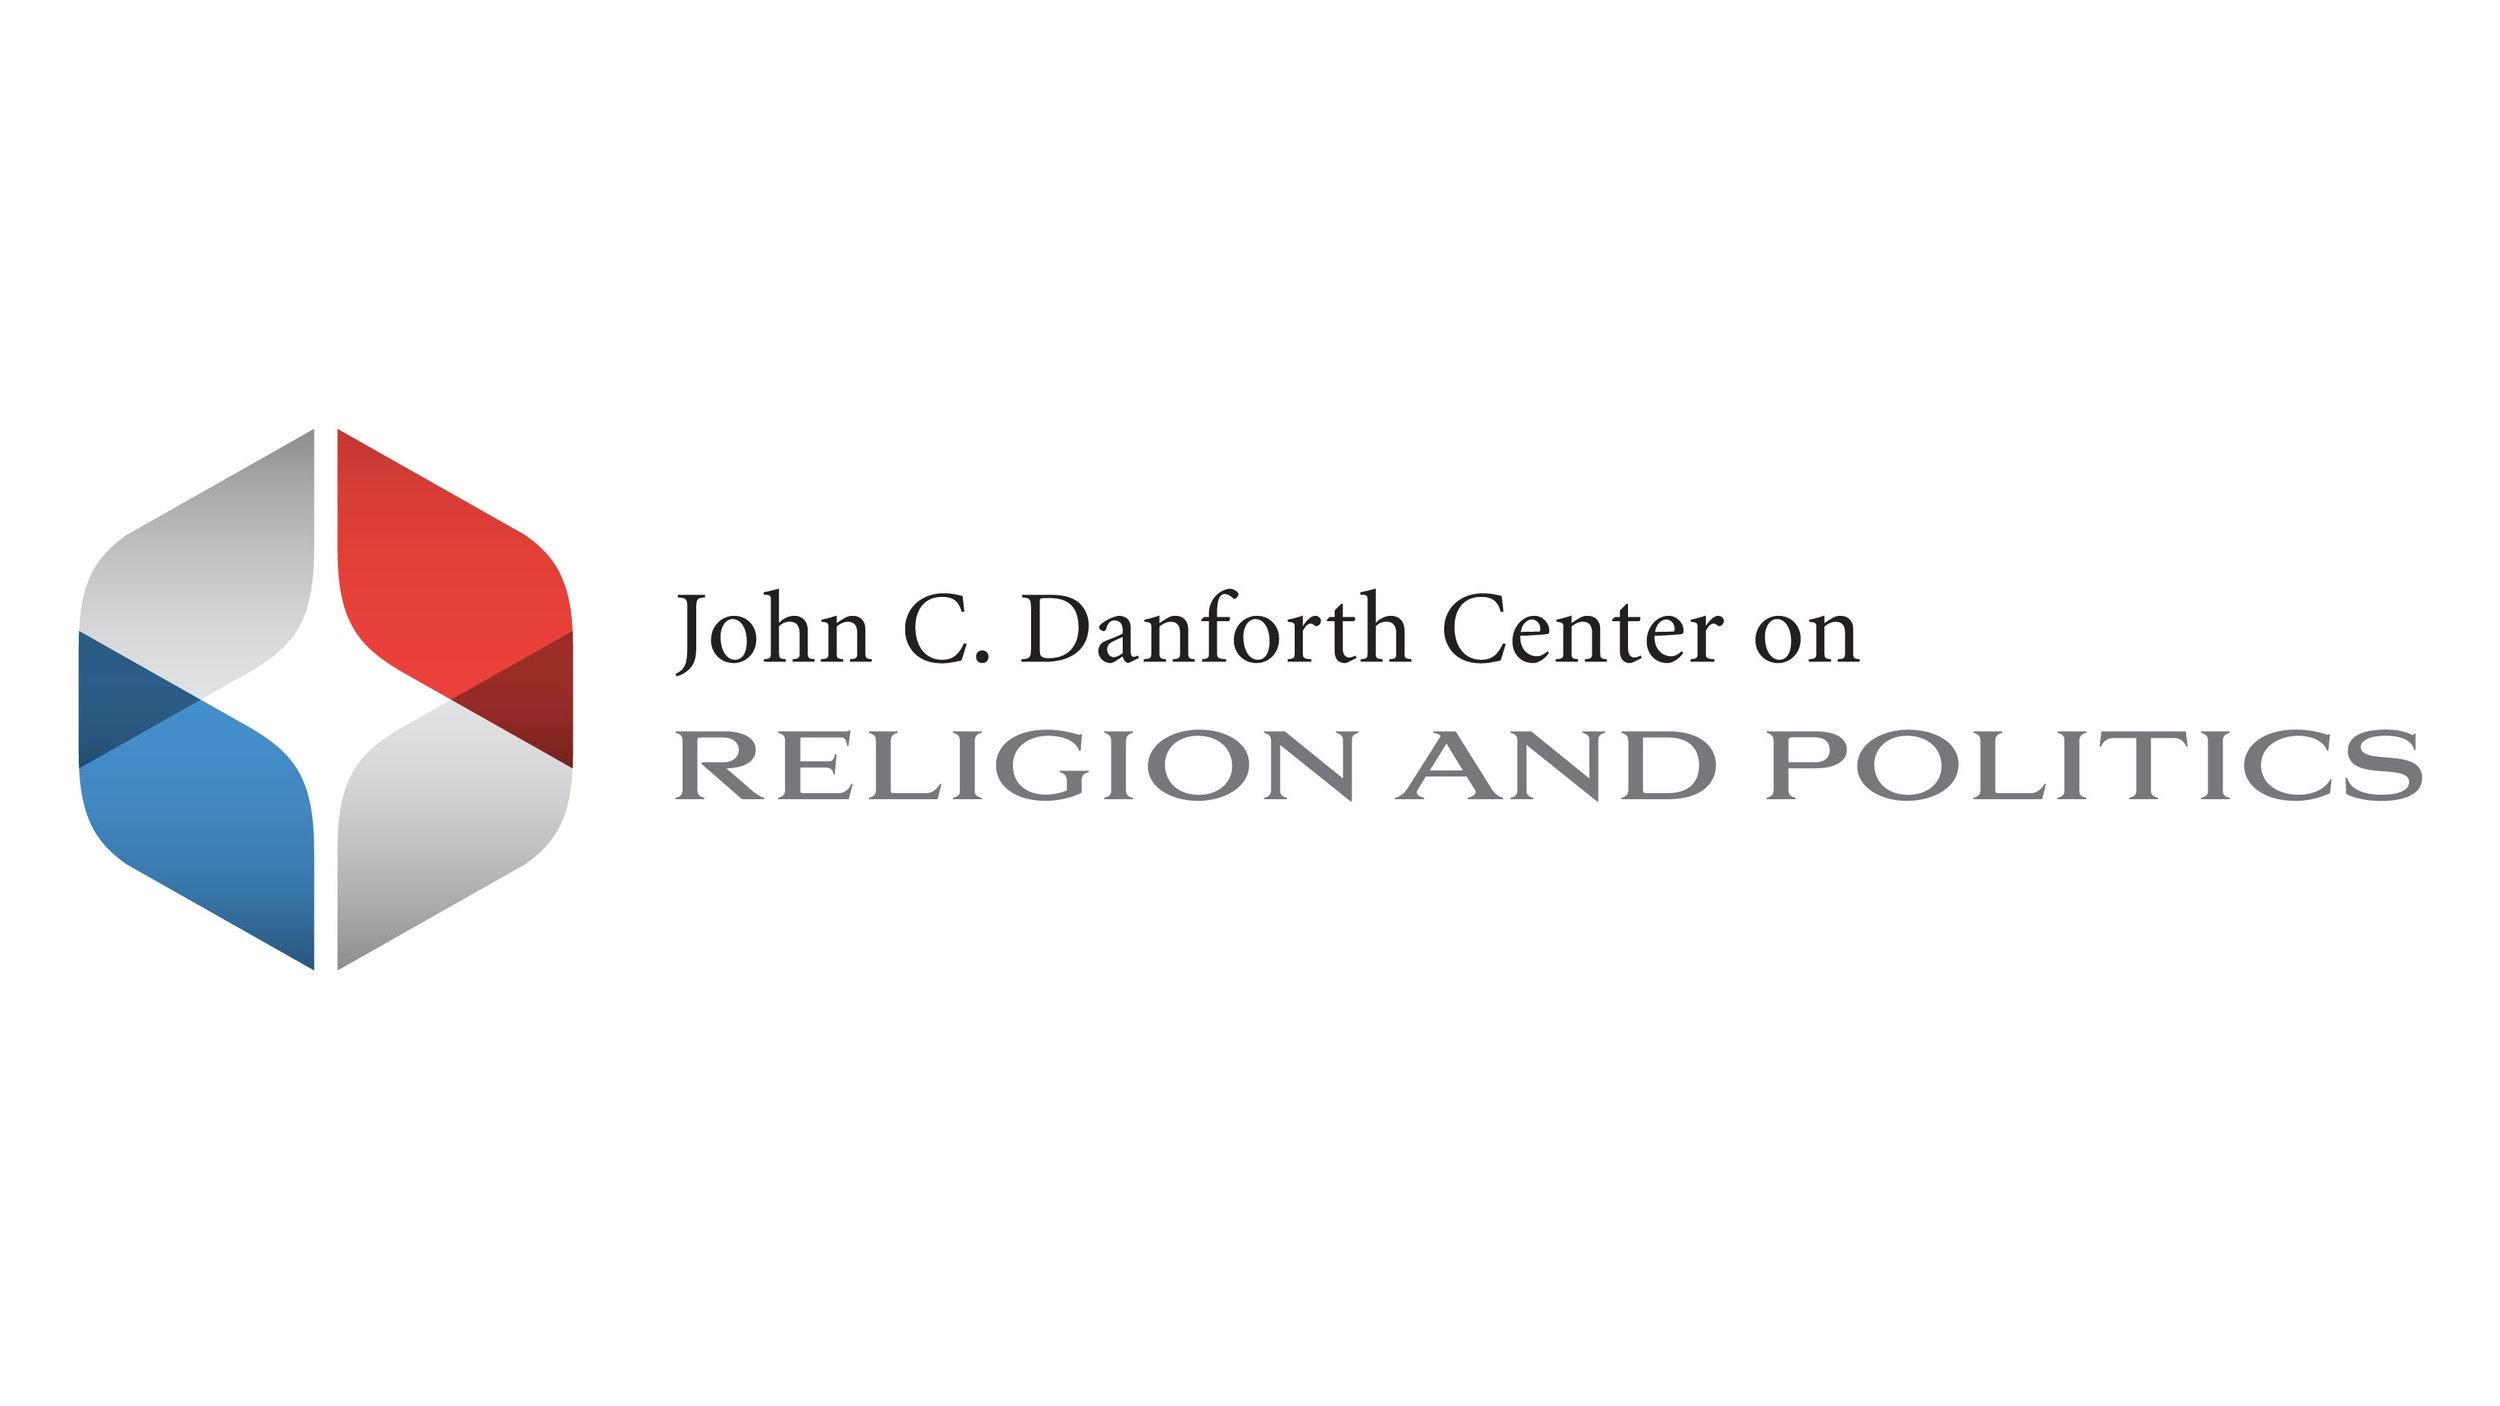 3831-john-c-danforth-center-religion-and-politics.jpg